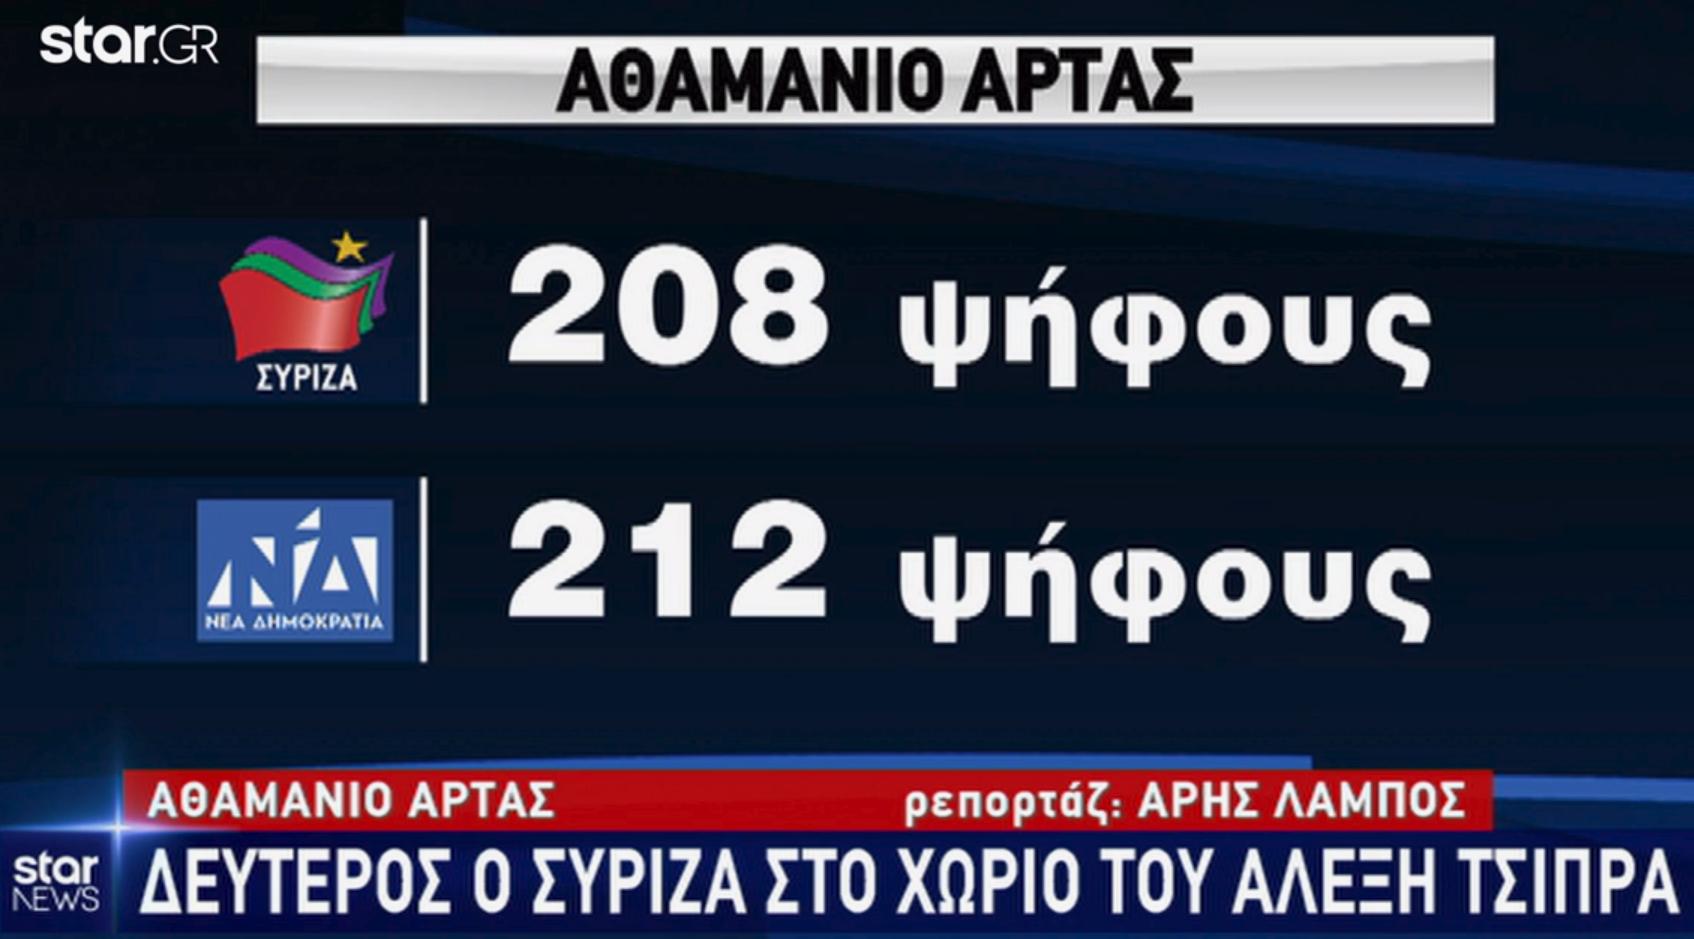 Το αποτέλεσμα των ευρωεκλογών στο Αθαμάνιο Αρτας, χωριό καταγωγής του Αλέξη Τσίπρα